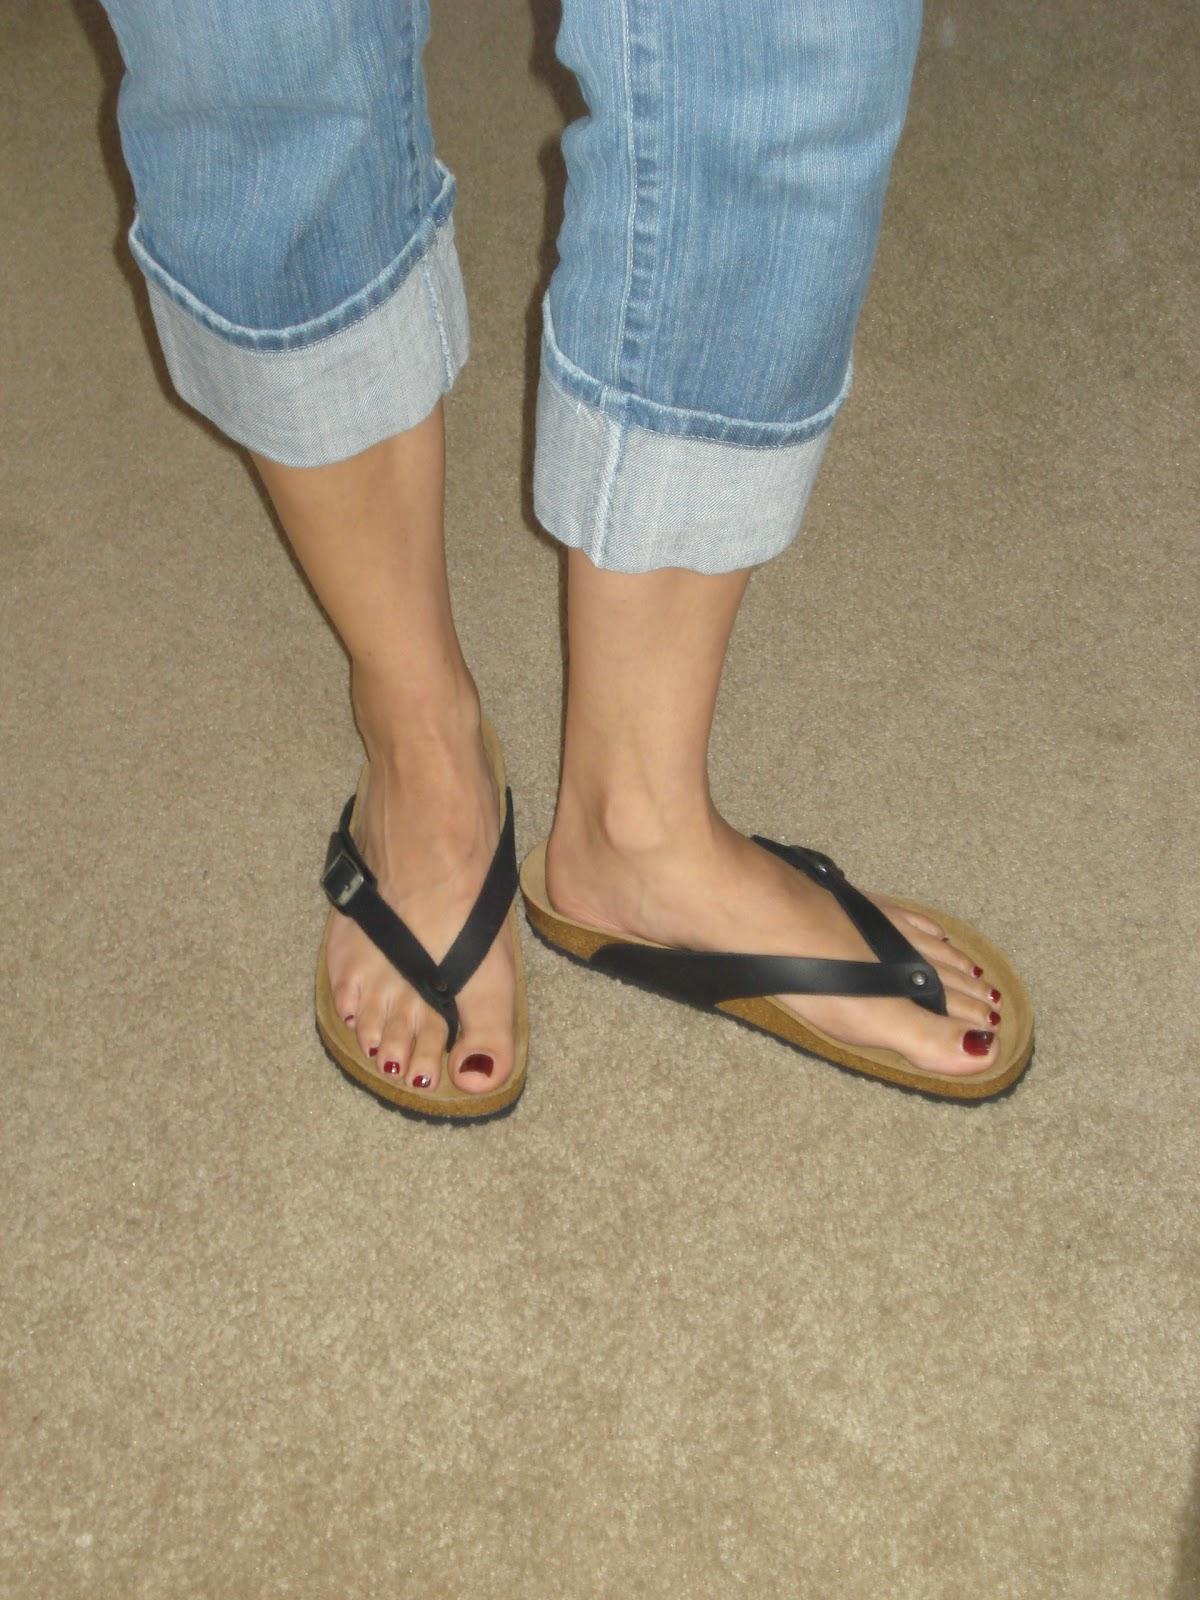 Flip flops cum